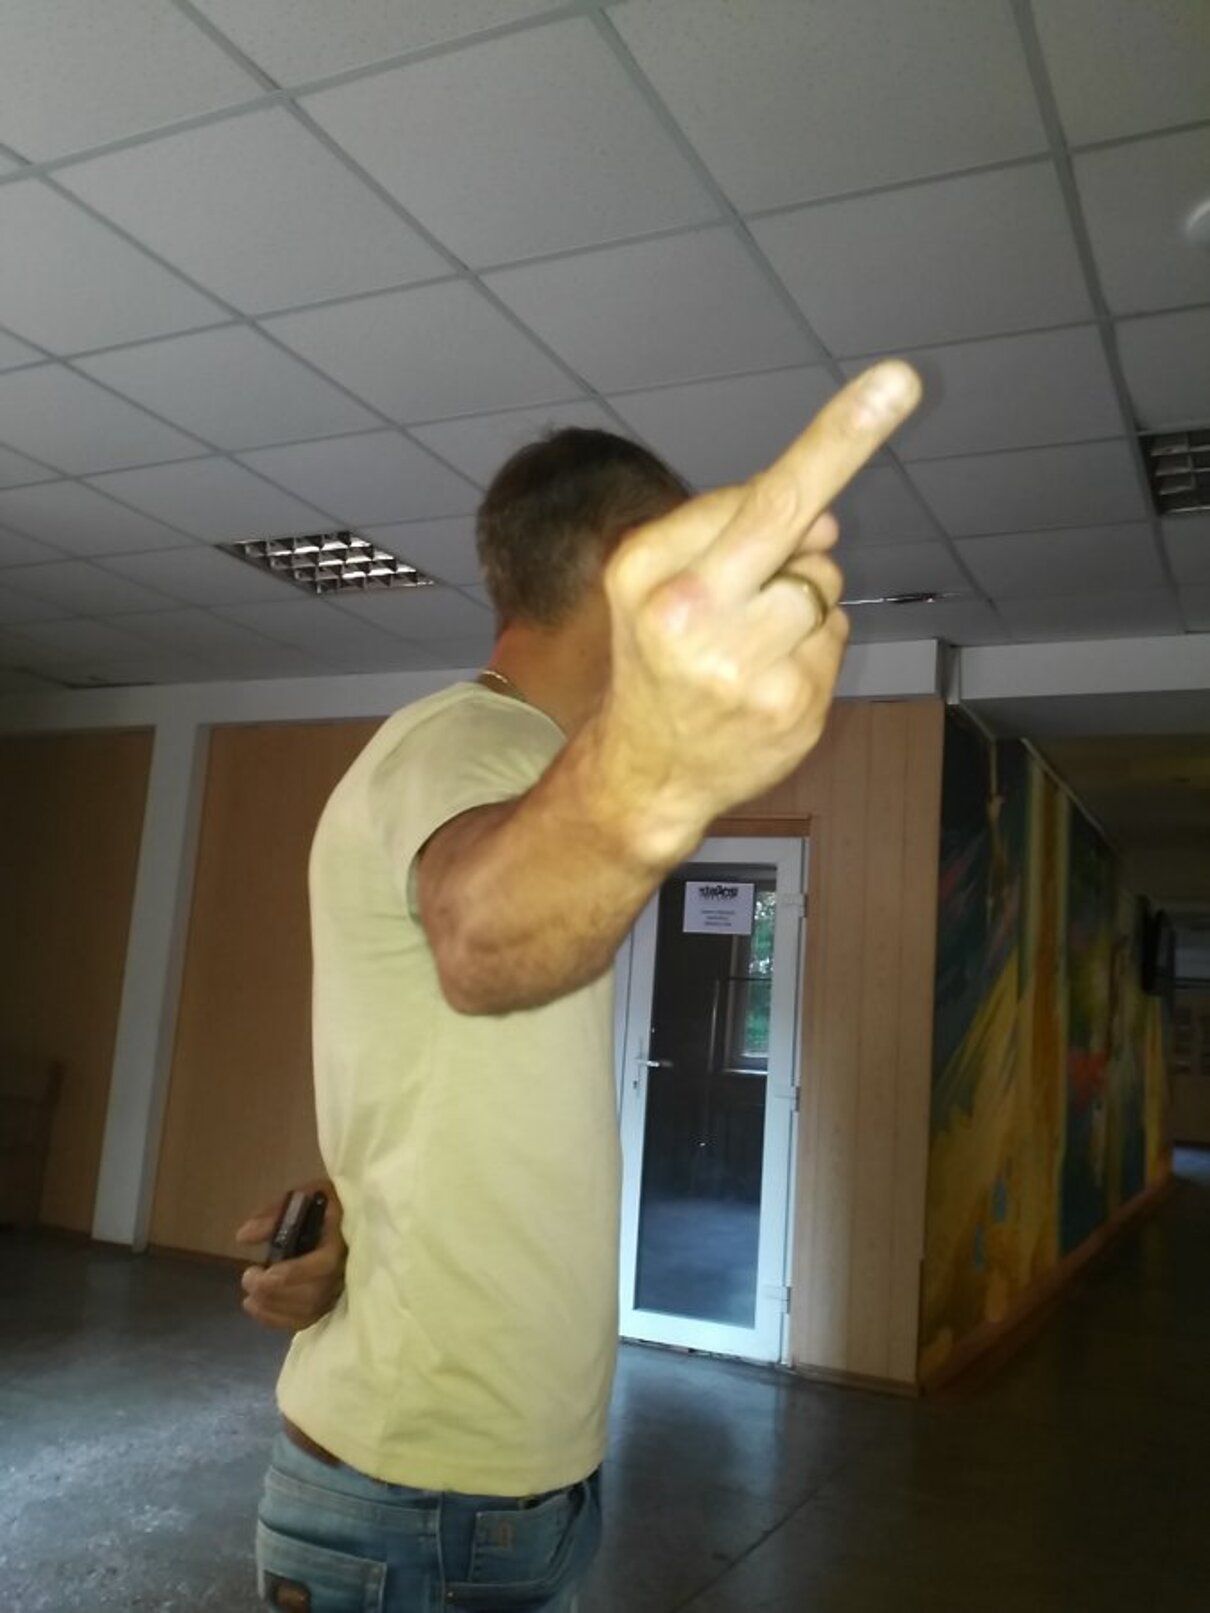 Жалоба-отзыв: Троян Юрий Владимирович 1969г.р - Мошенник, представляется мастером по изготовлению изделий из дерева-лестницы, бани.  Фото №1